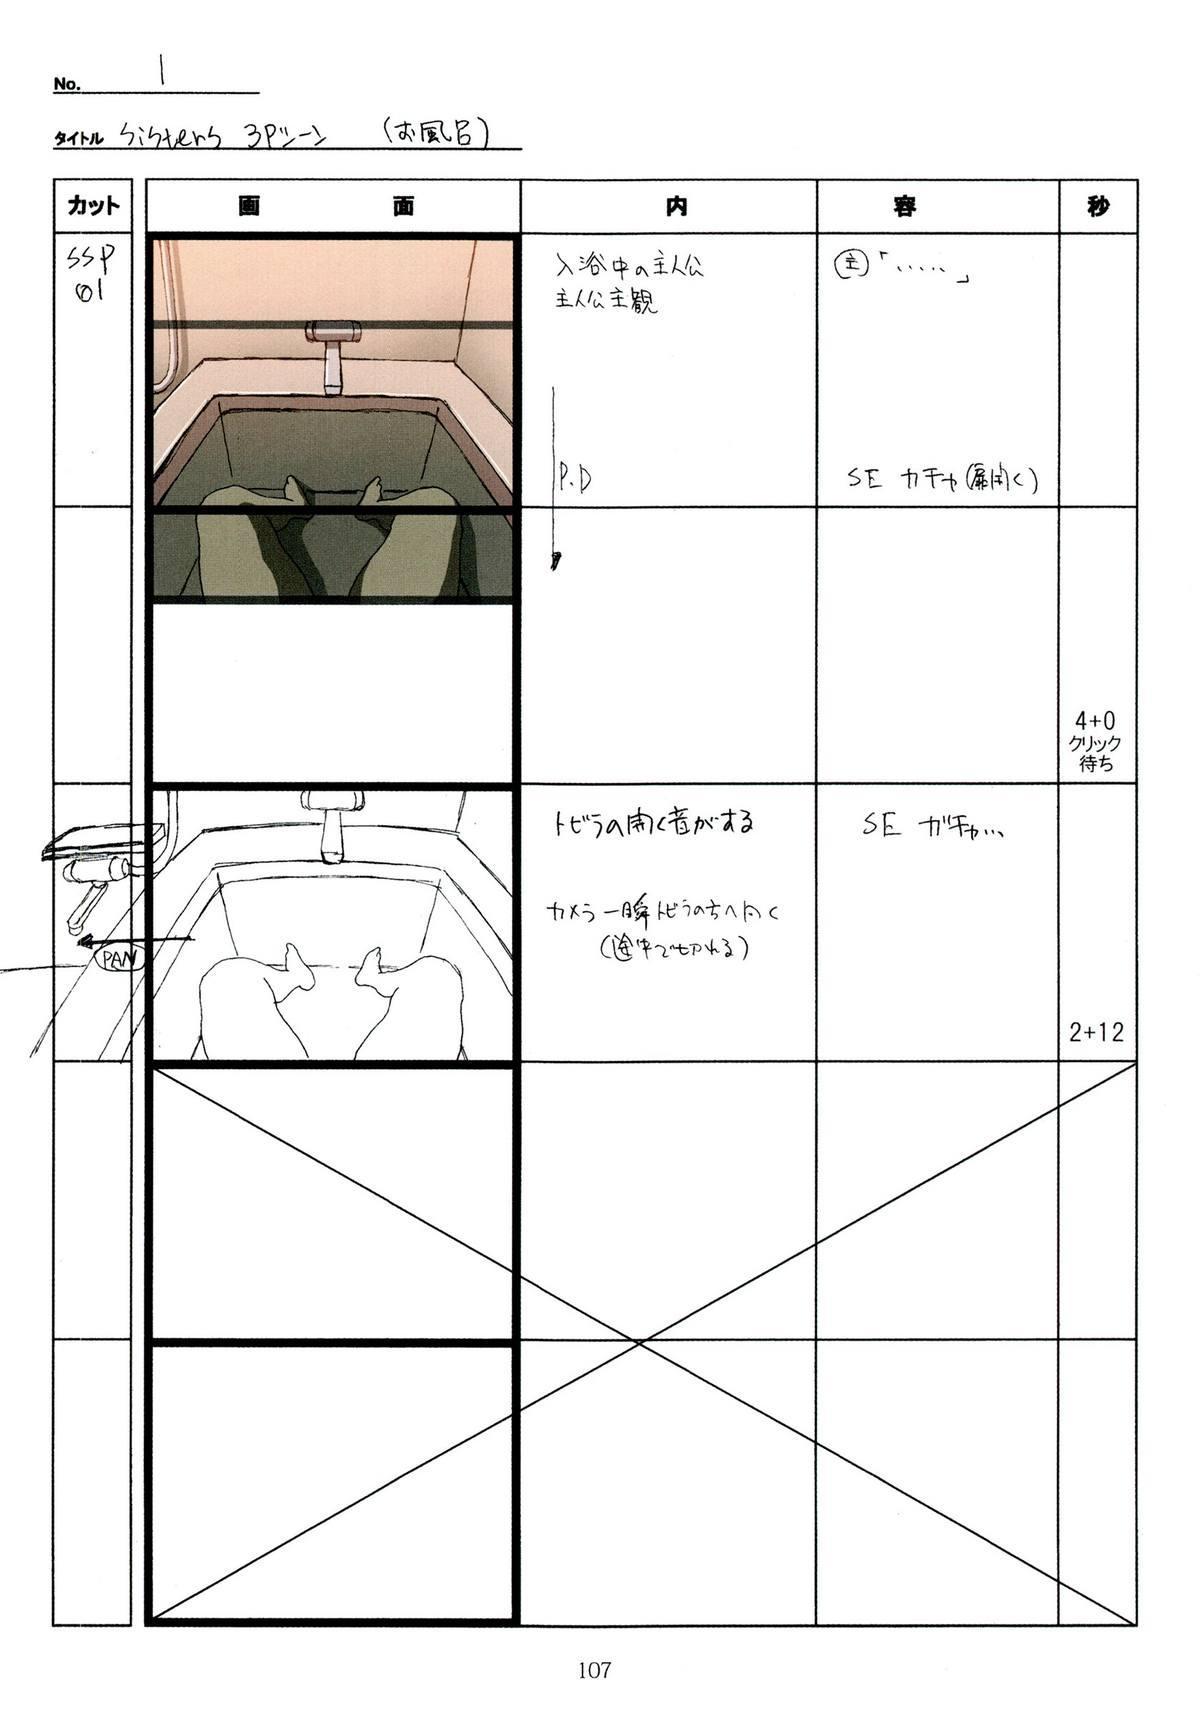 (C89) [Makino Jimusho (Taki Minashika)] SISTERS -Natsu no Saigo no Hi- H Scene All Part Storyboard (SISTERS -Natsu no Saigo no Hi-) 106